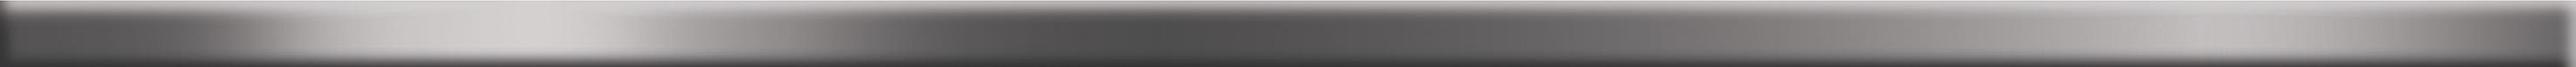 Купить Керамическая плитка AltaСera Sword BW0SWD07 бордюр 1, 3х50, Россия